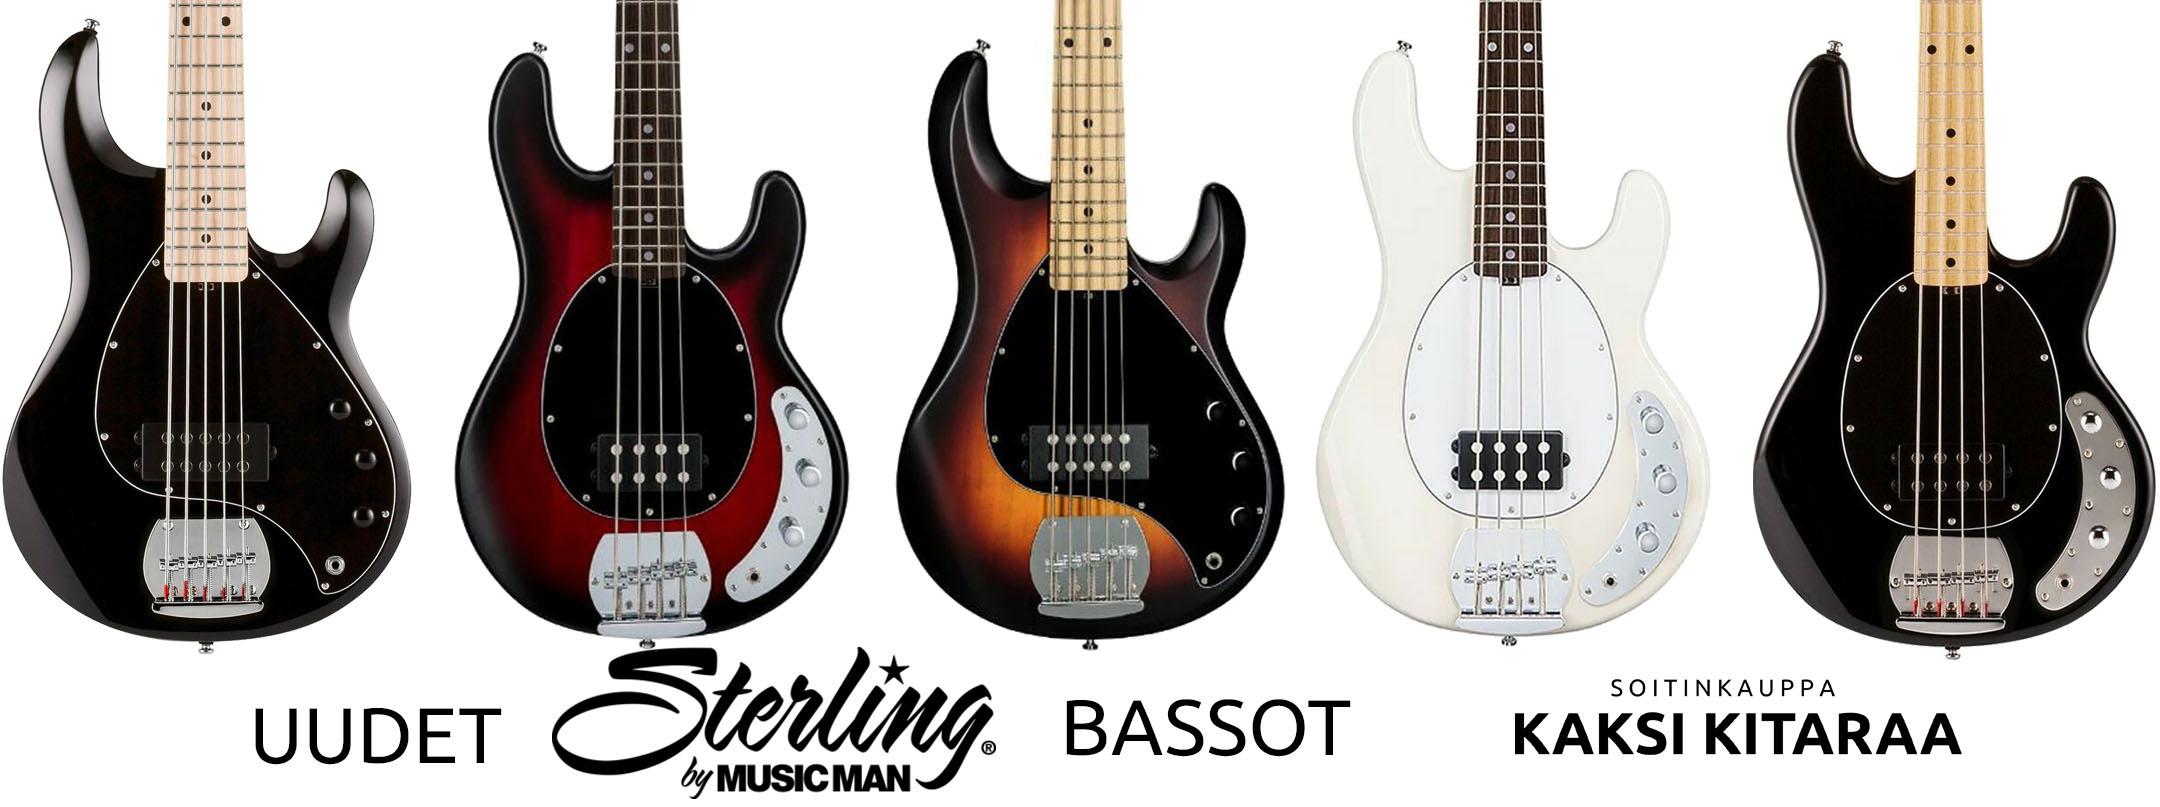 Sterlingin bassot.